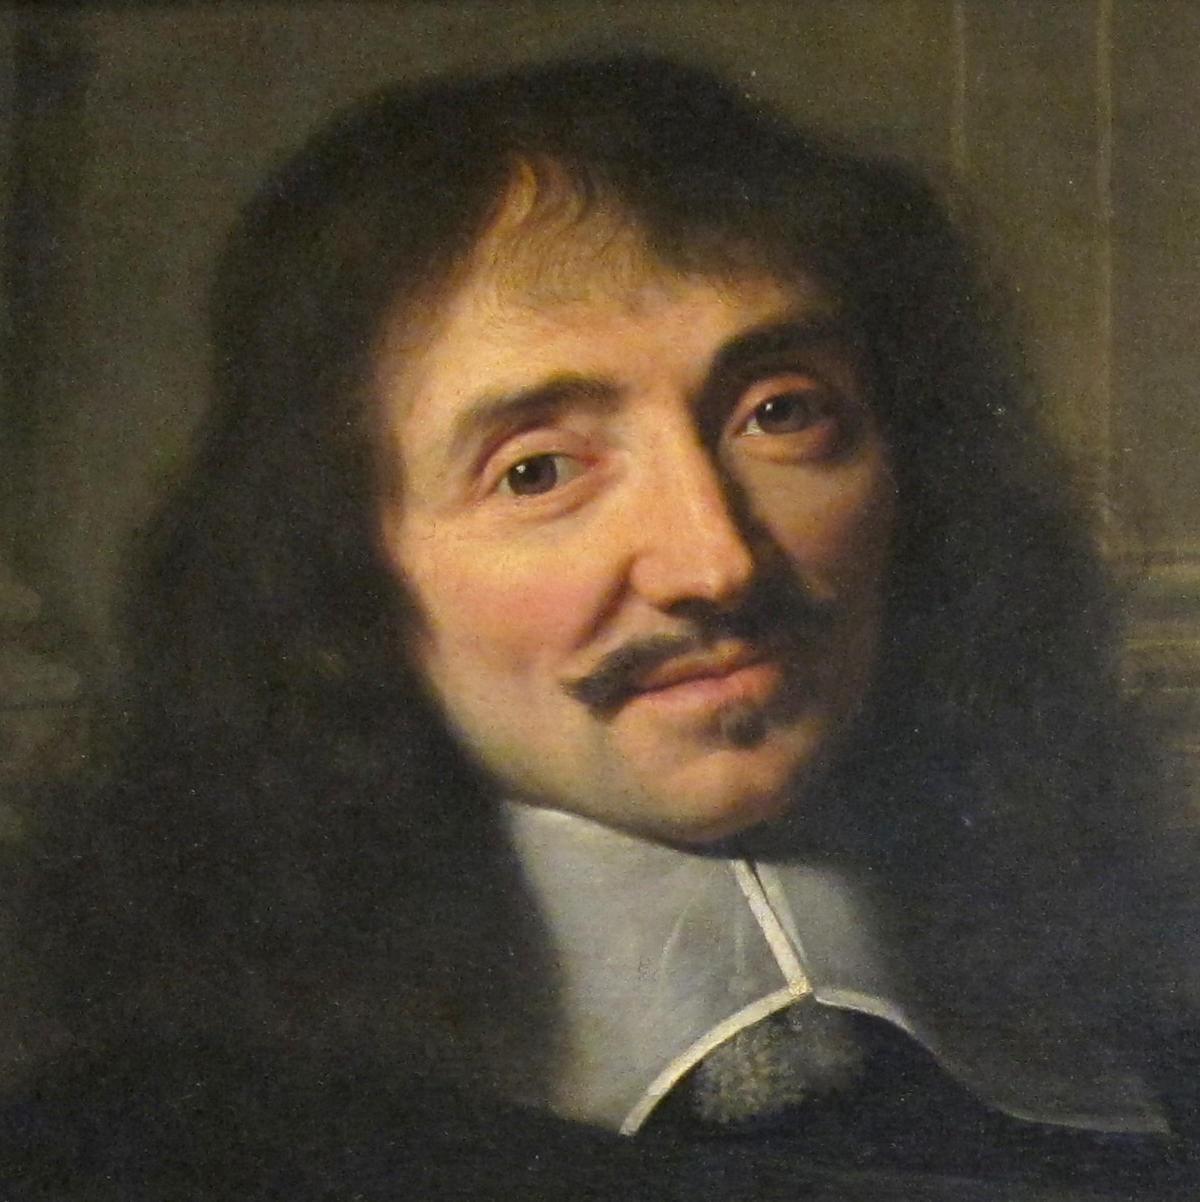 François Mansart dal Portrait de deux hommes dit autrefois Portrait de François Mansard et Claude Perrault